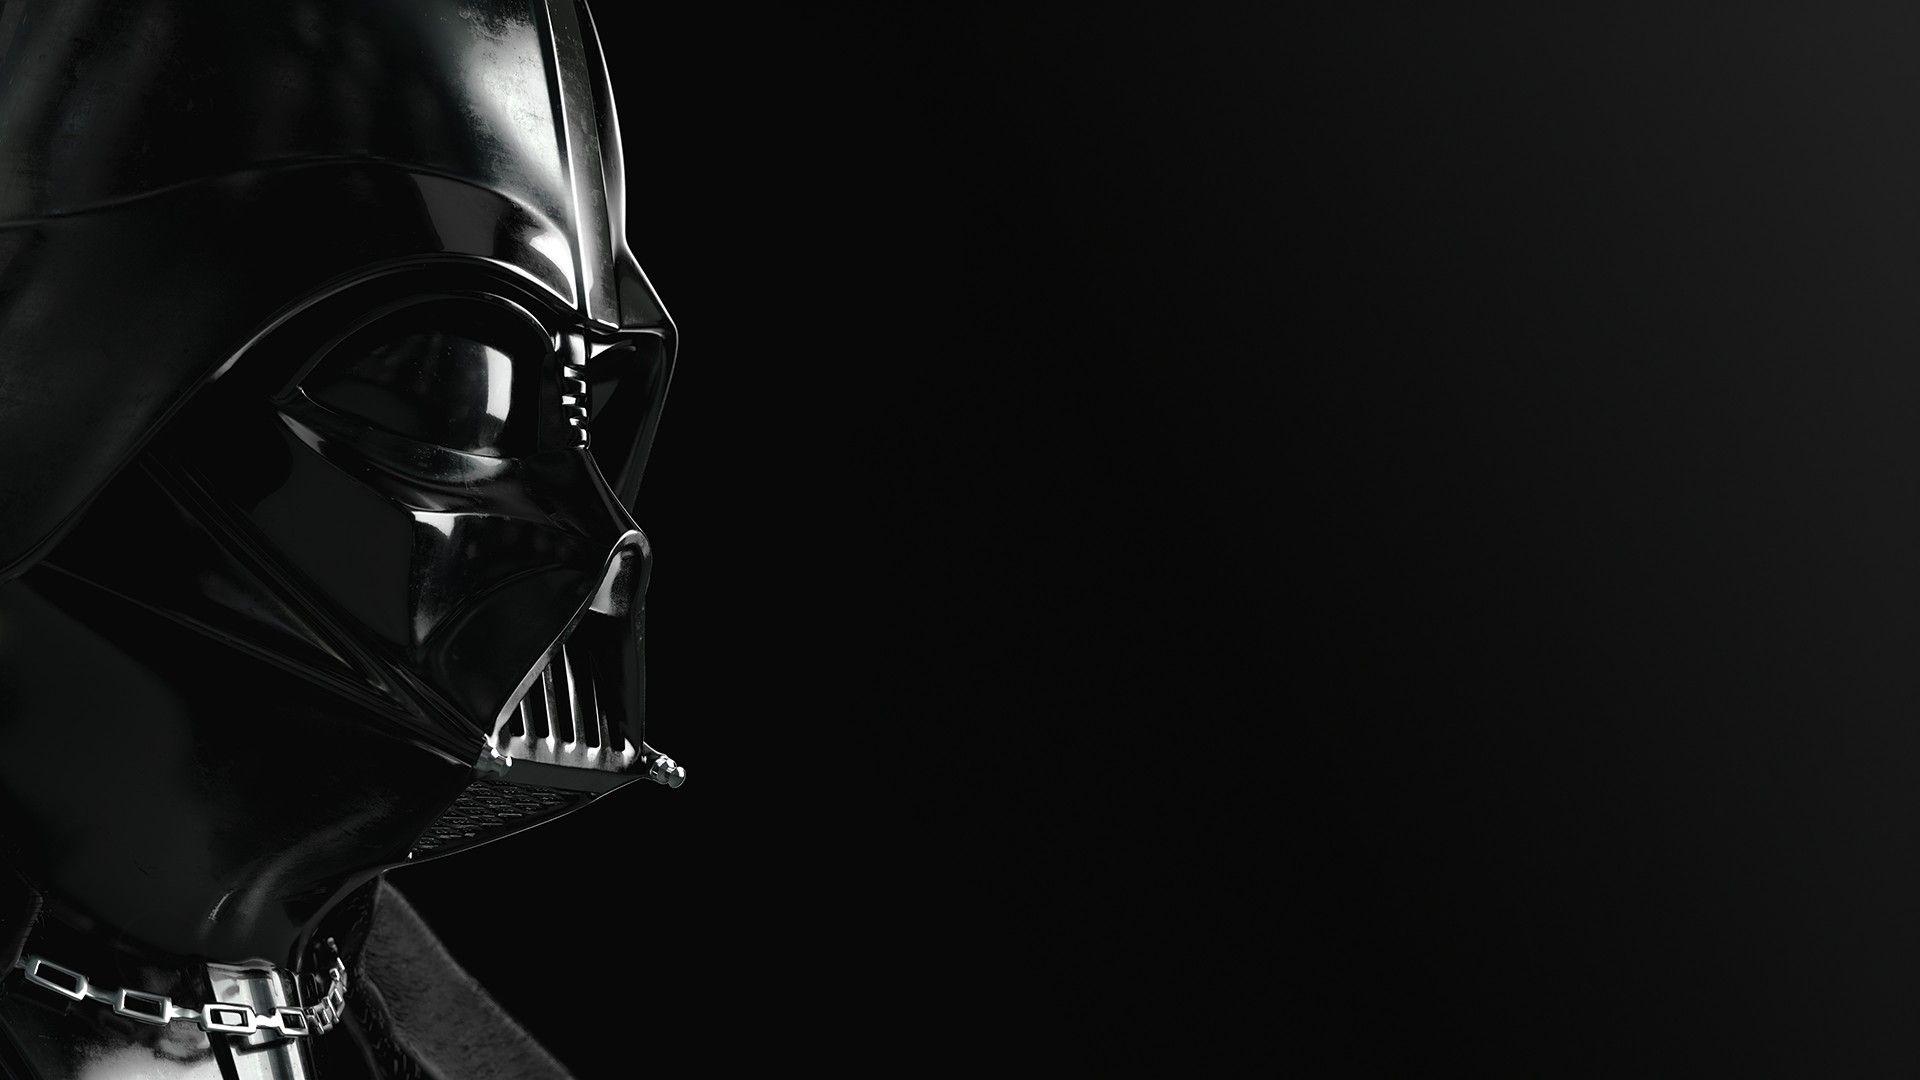 Lovely Ghostface Wallpaper Darth Vader Wallpaper Star Wars Wallpaper Darth Vader Hd Wallpaper